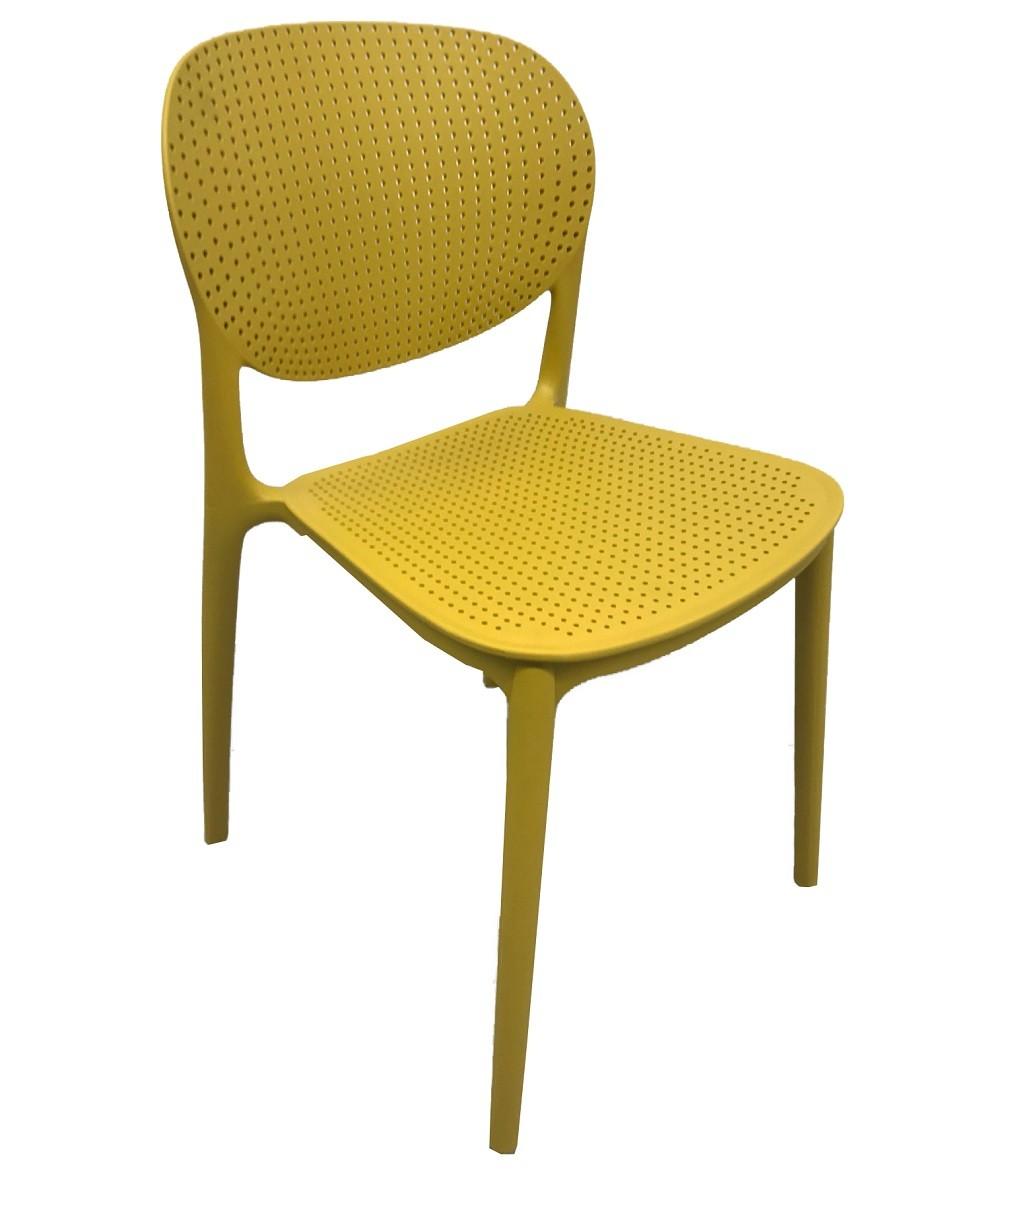 Chair OCEAN, Stackable, Polypropylene Mustard Yellow